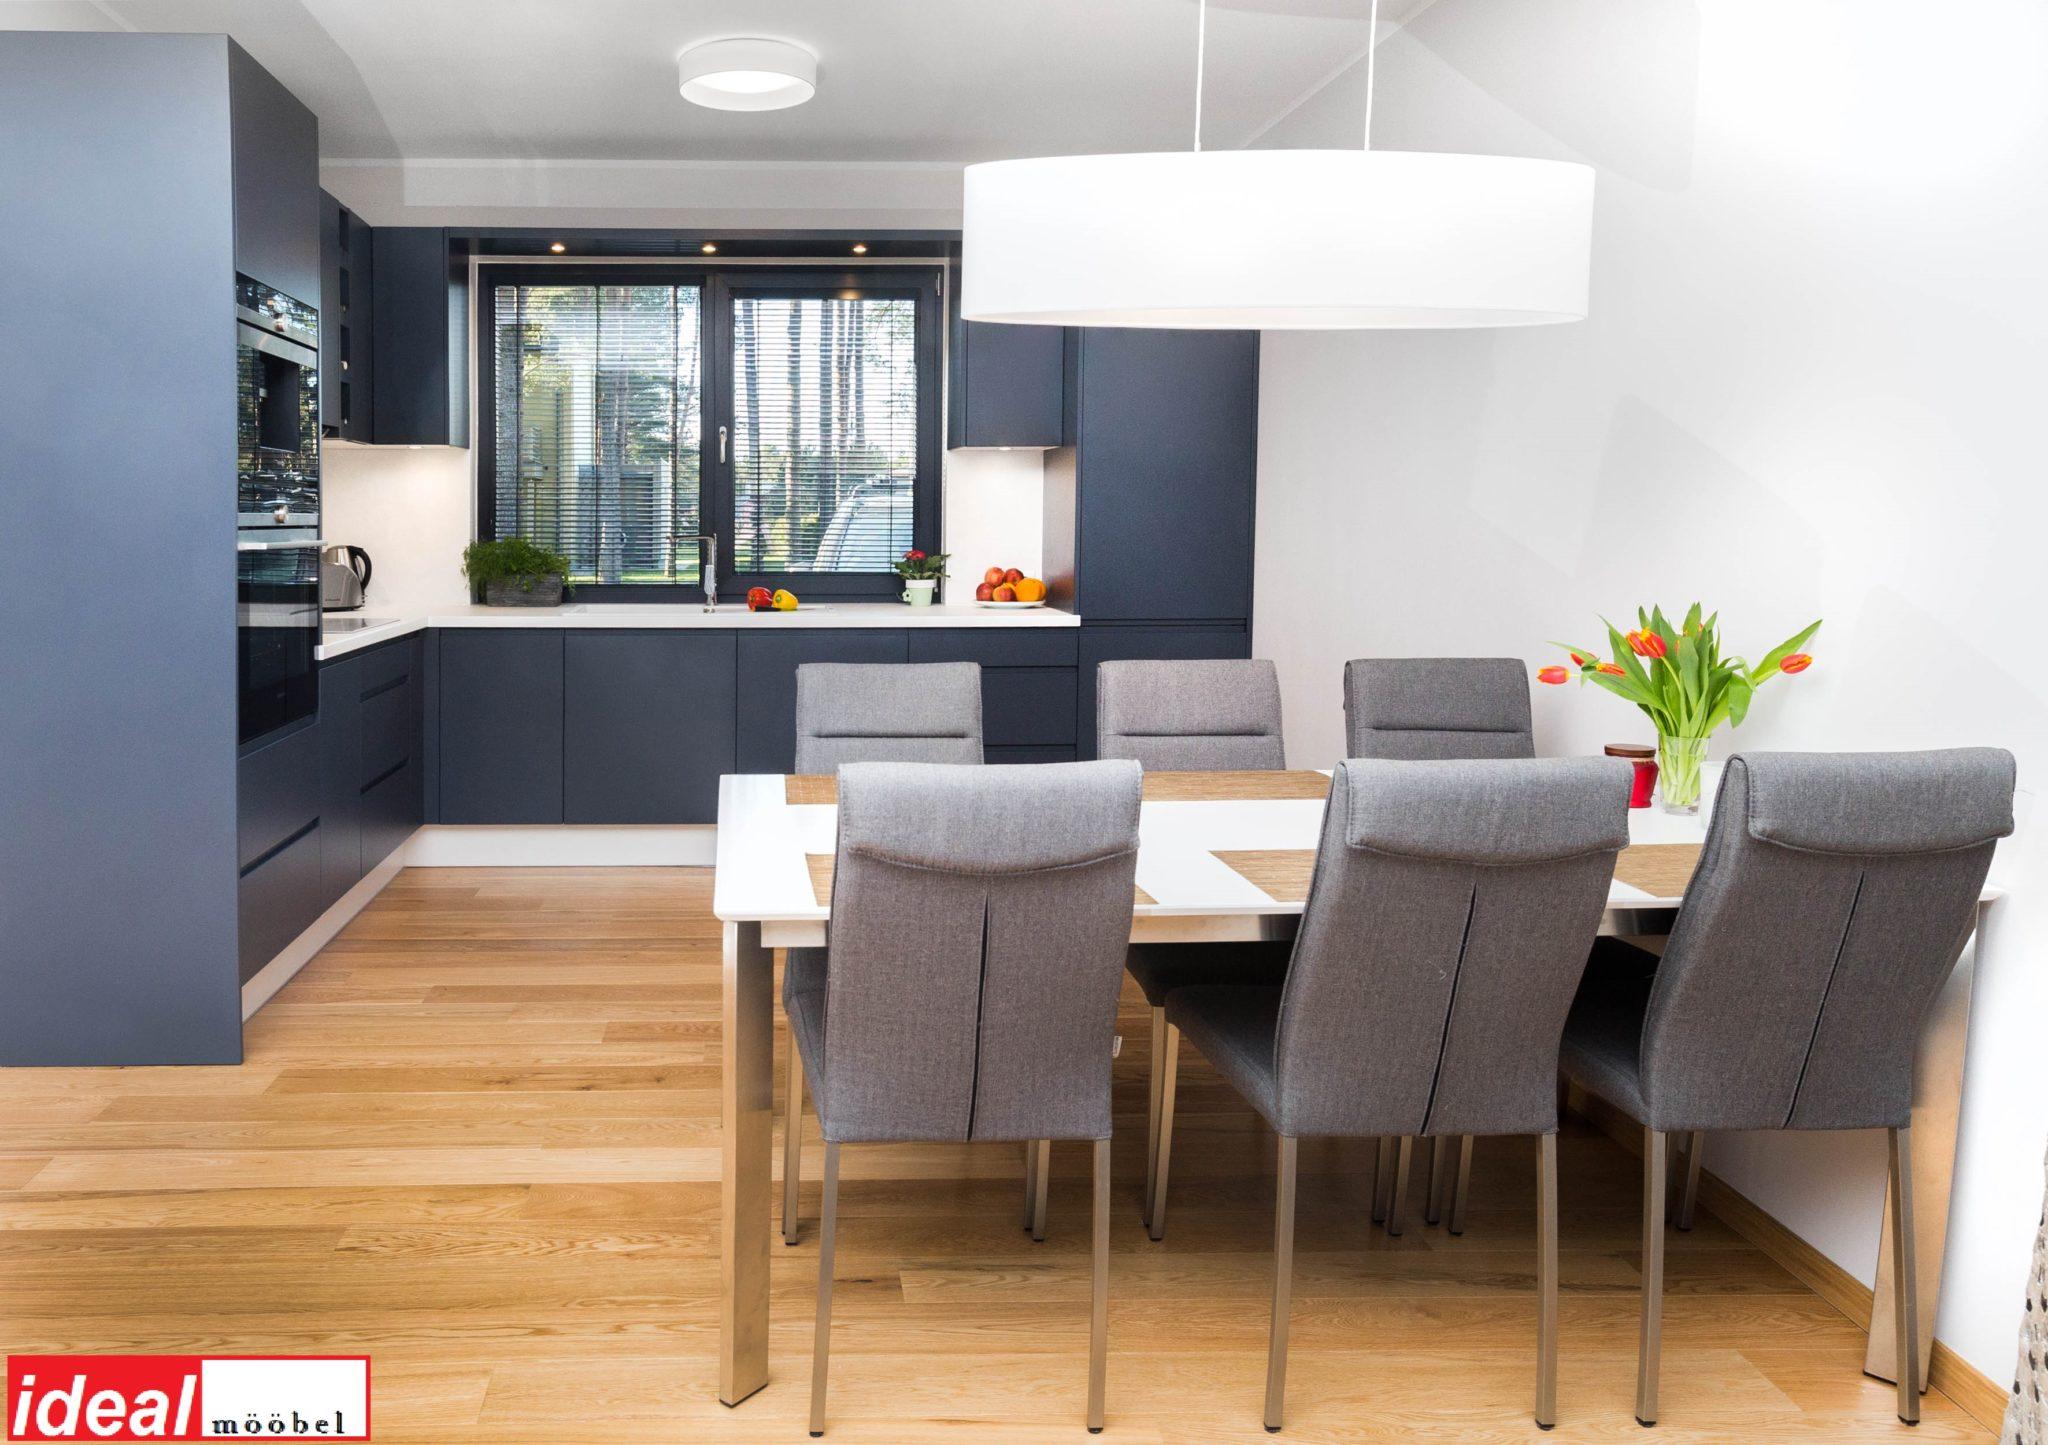 Köögimööbli uusimad disainid ja trendid